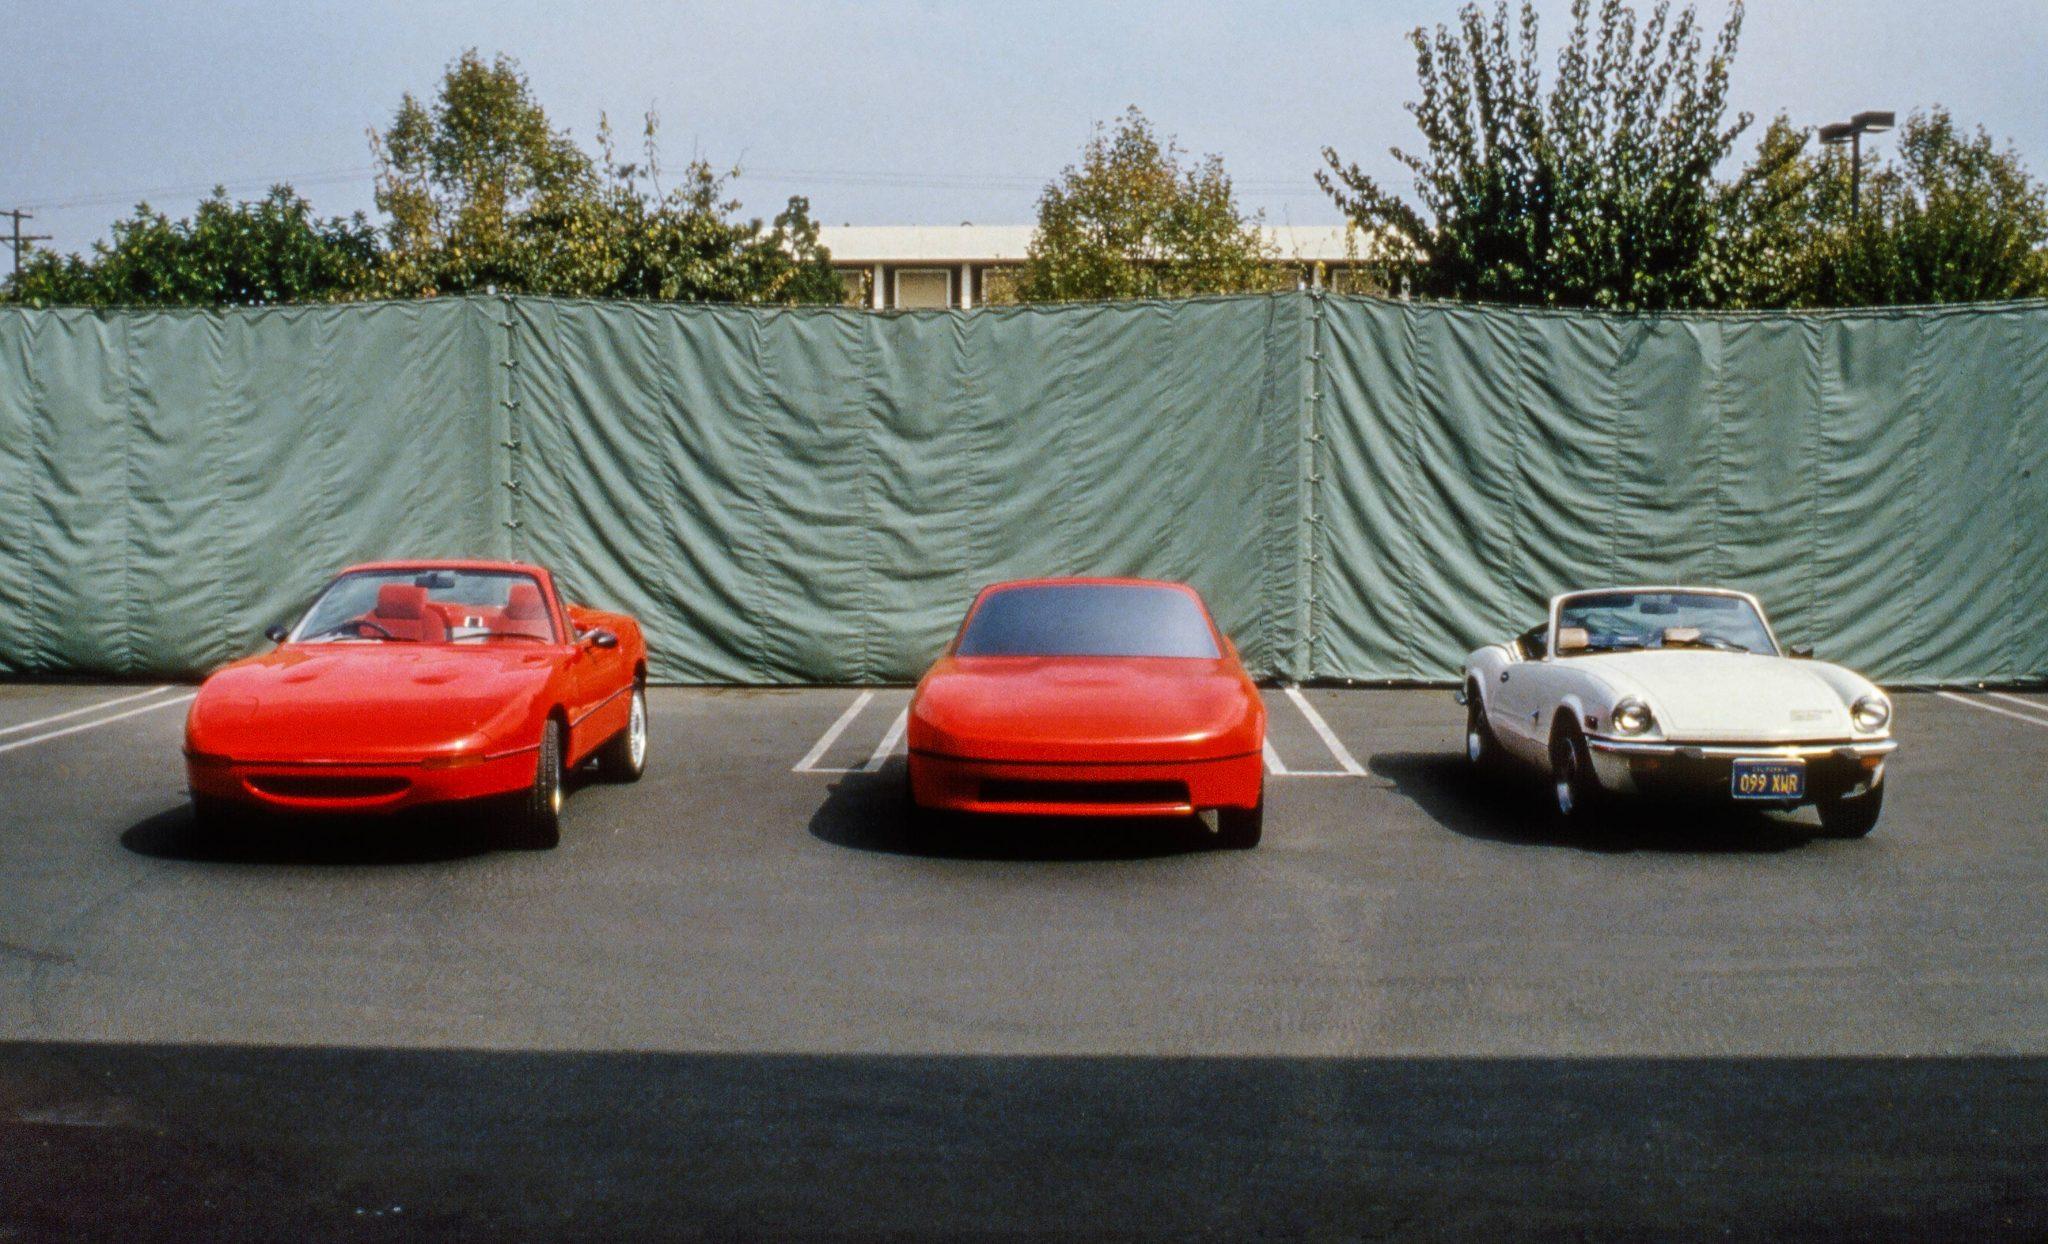 Mazda MX-5 Miata design study work car model and triumph spitfire